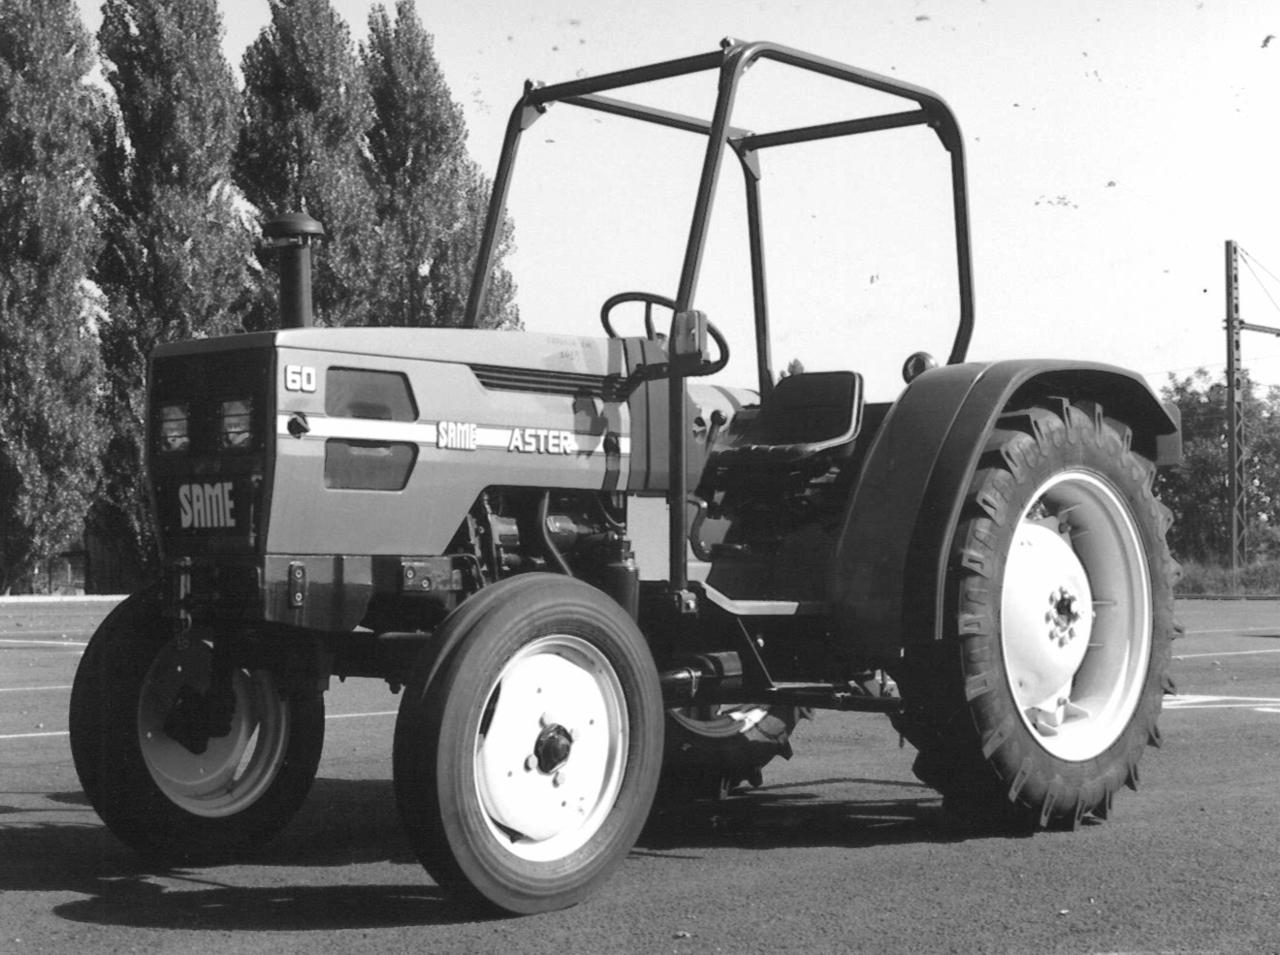 Trattore SAME Aster 60 con le 2 ruote motrici